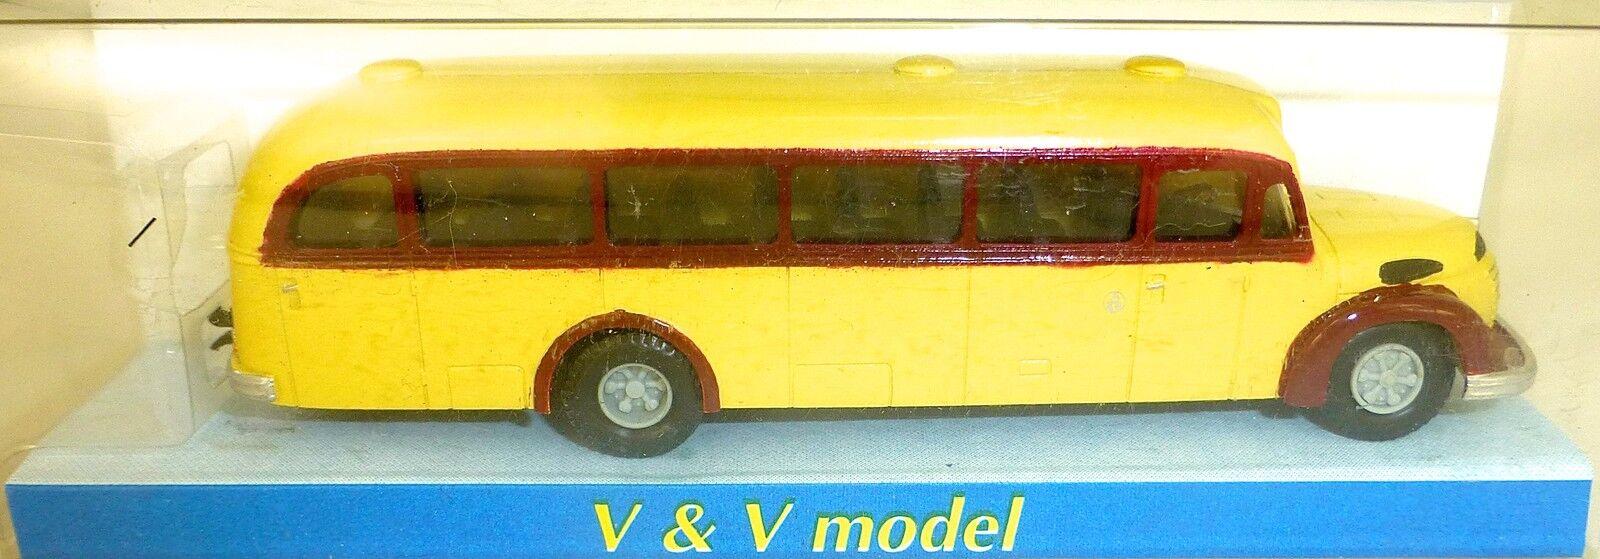 1953 Gräf und Stift 120 FON ÖBB gelb rot Bus Omnibus H0 1 87 V&V 2341 GD4 å